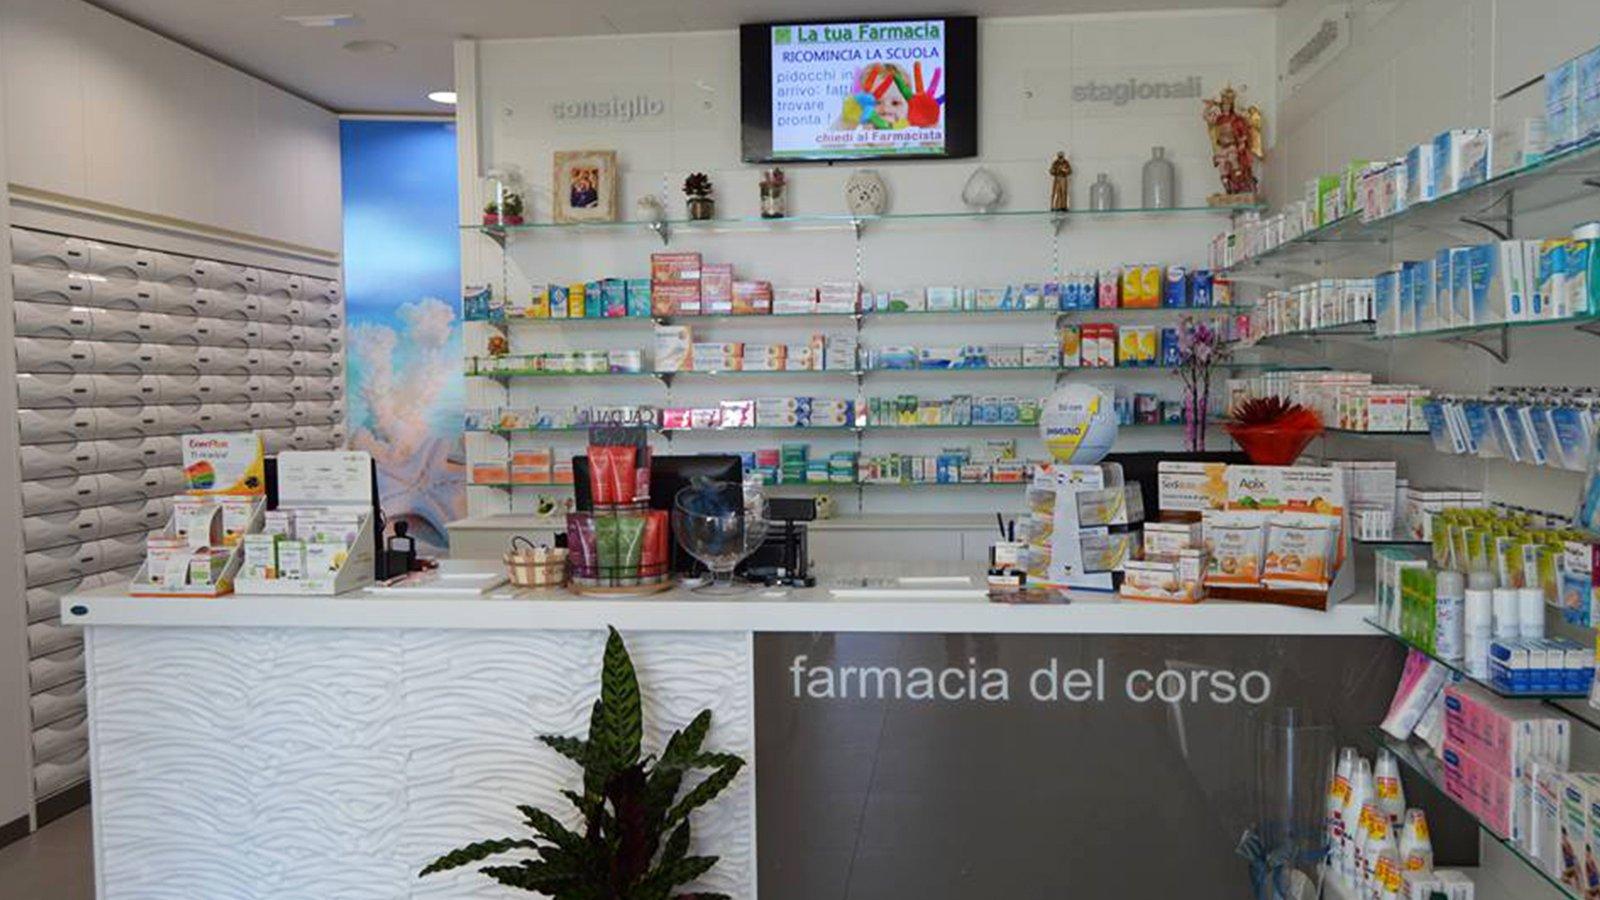 interno della farmacia con vista del bancone, monitor e prodotti in esposizione